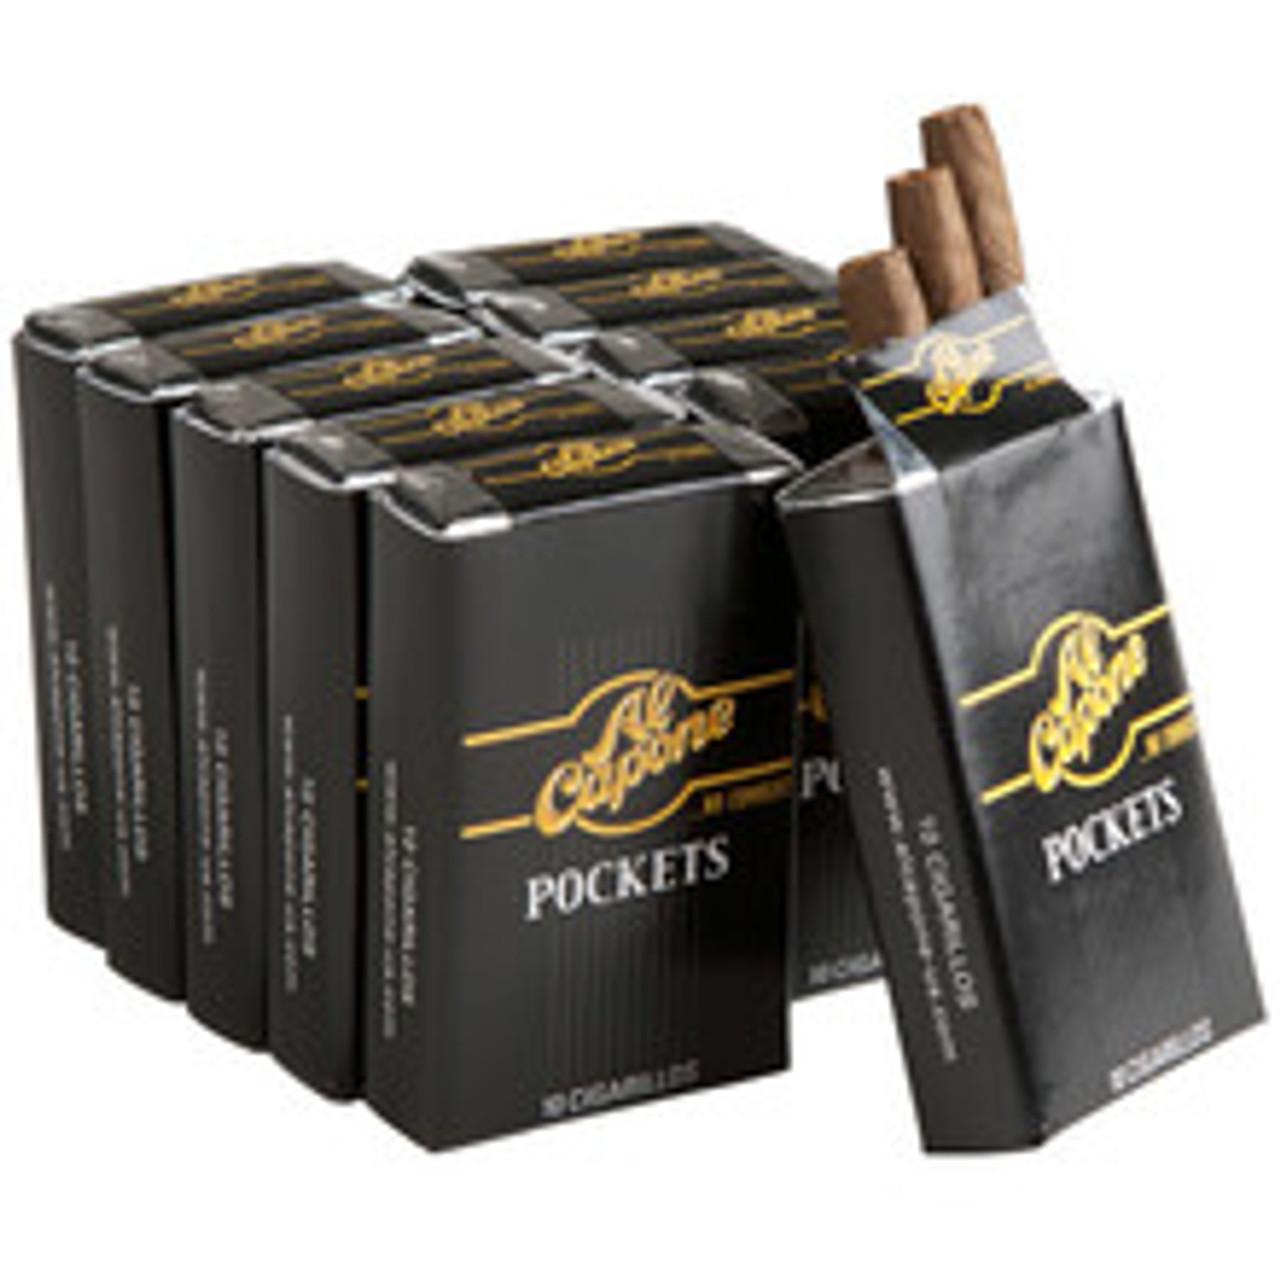 Al Capone Pockets Cigars (10 Packs Of 10) - Natural